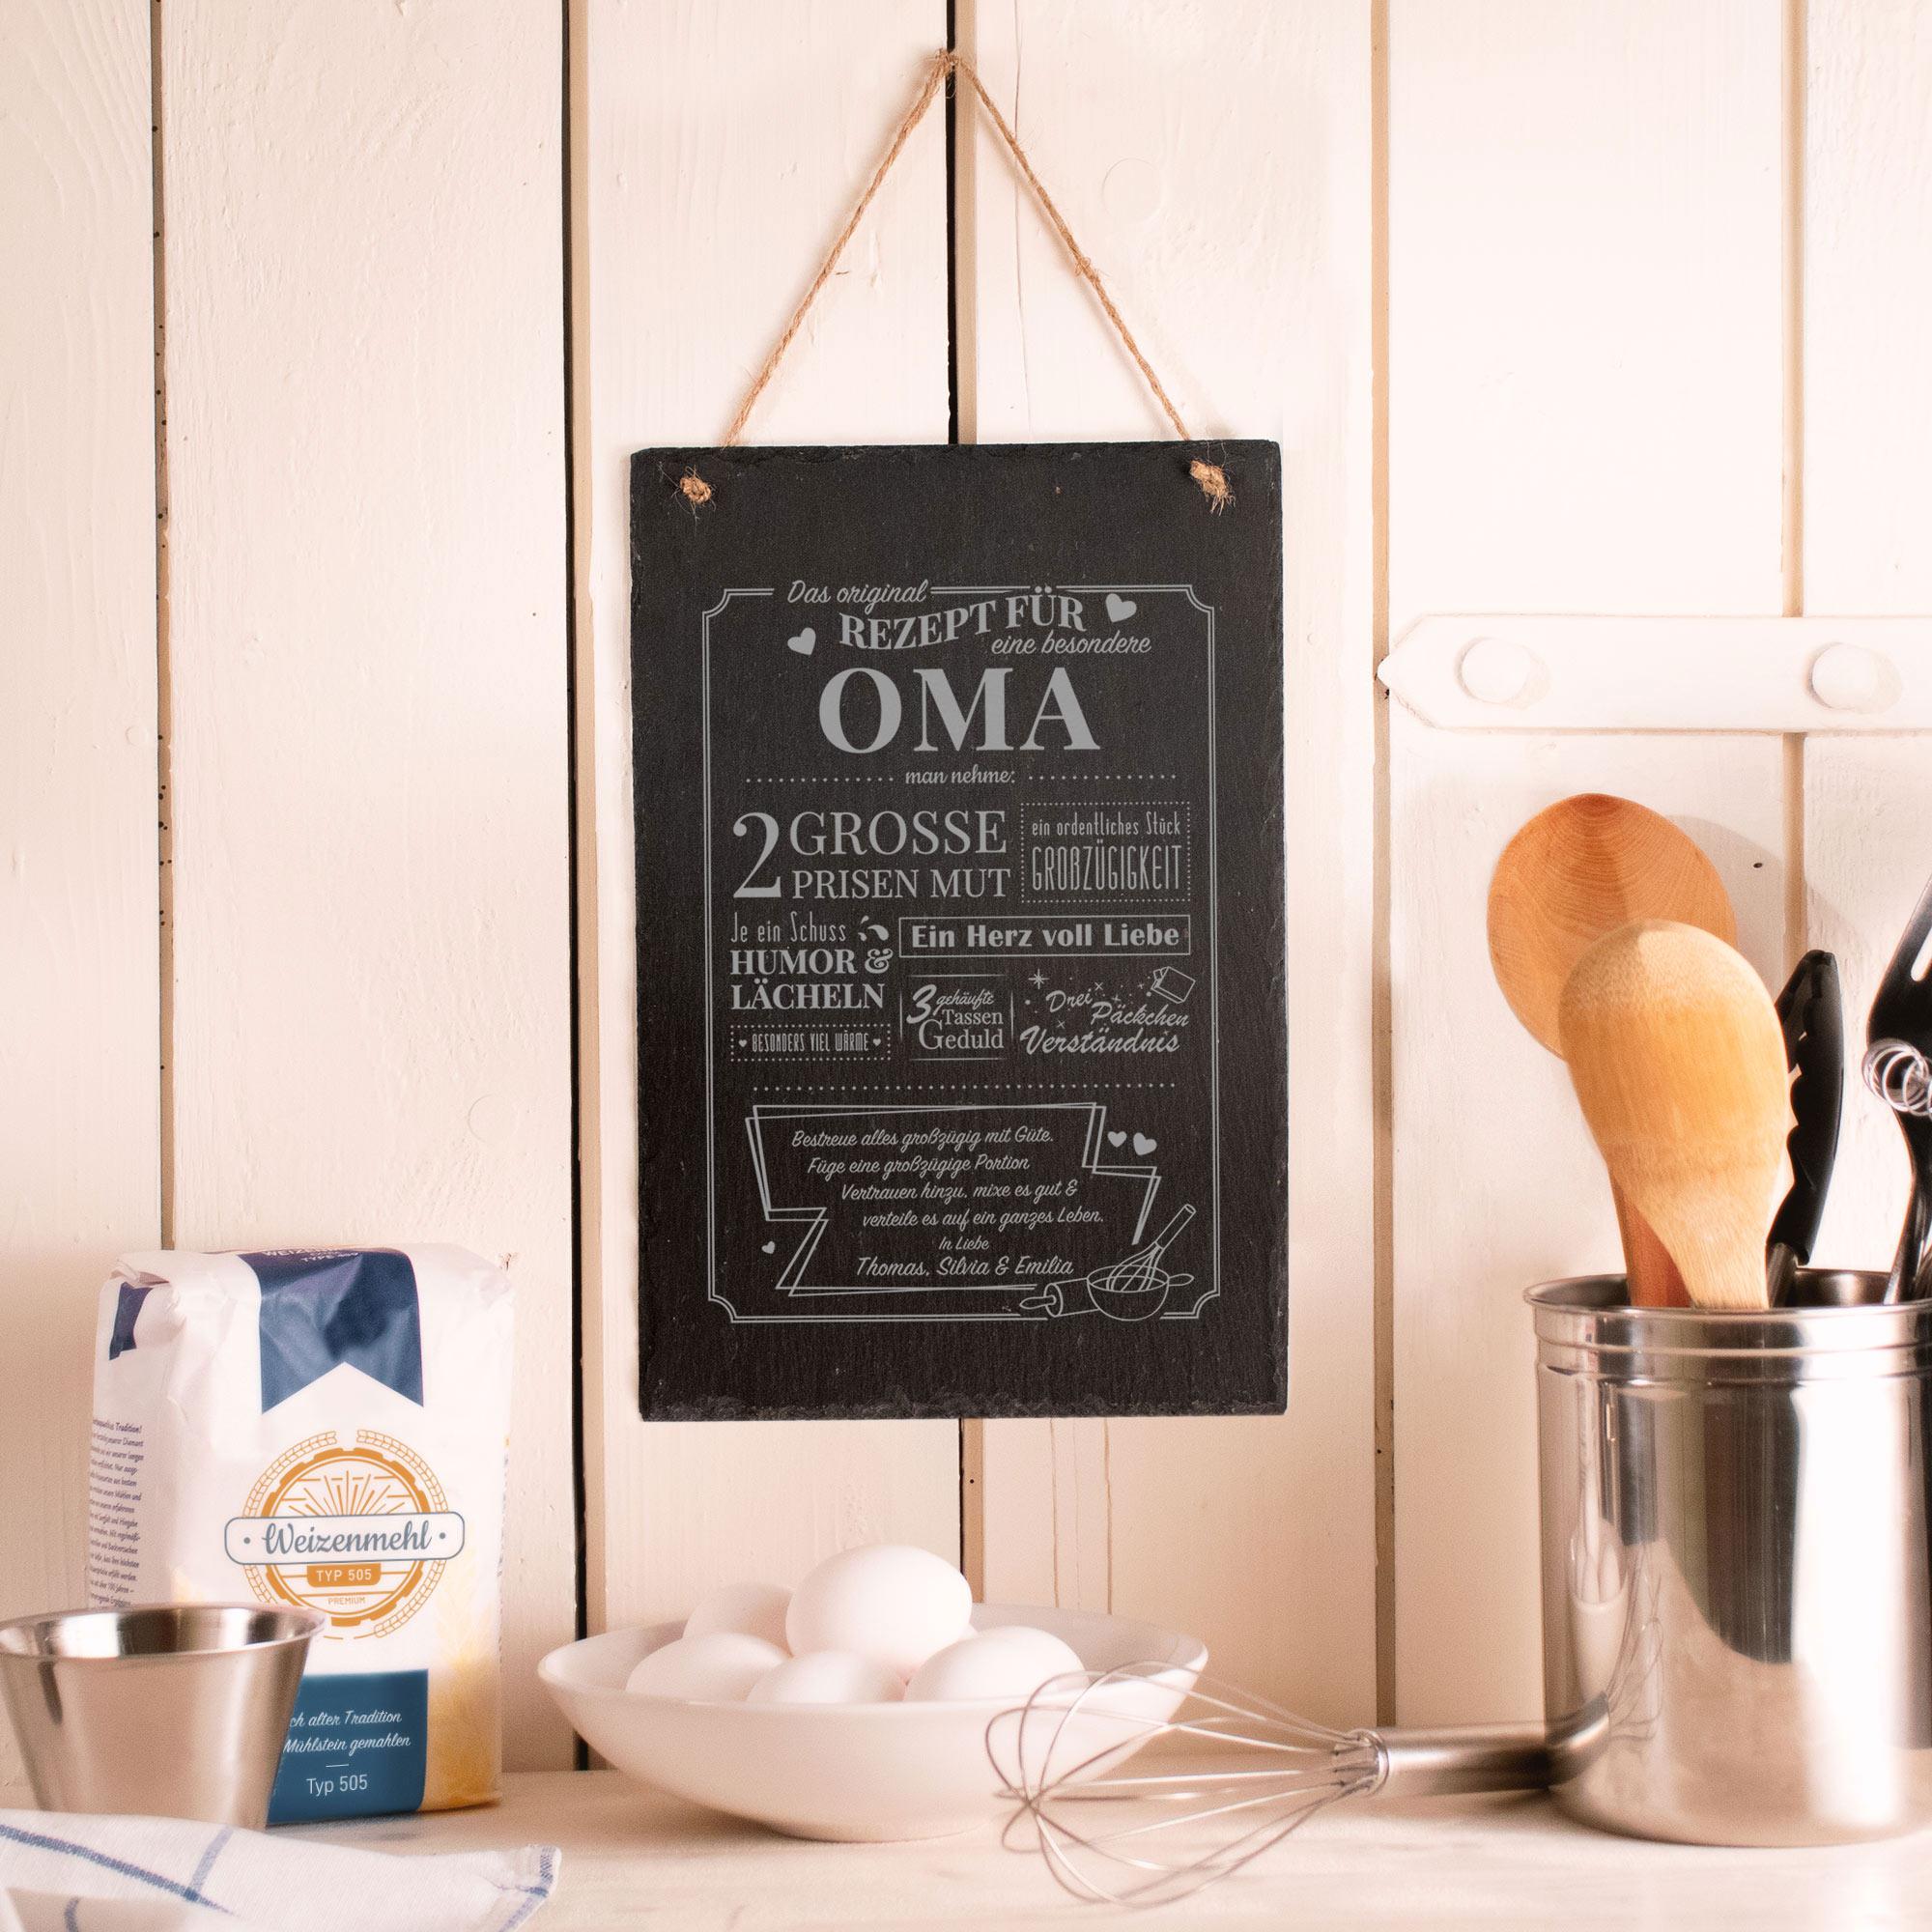 Personalisierte Schiefertafel mit Gravur Rezept Oma - Groß